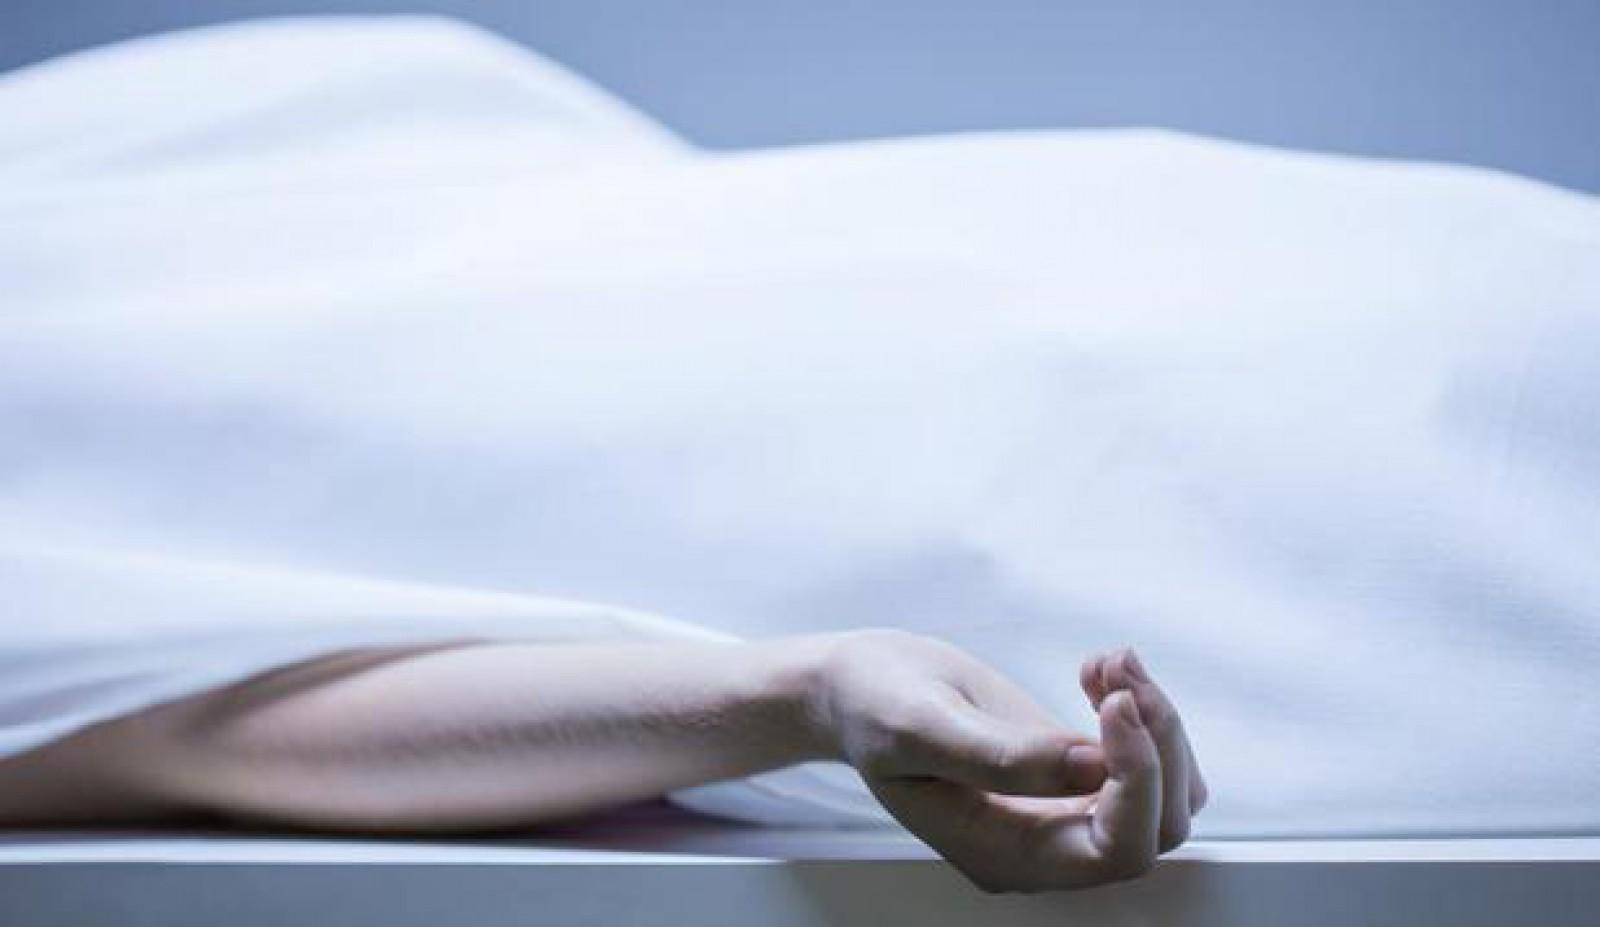 Miracol sau neglijenţă? O femeie declarată moartă, găsită în viaţă la o morgă